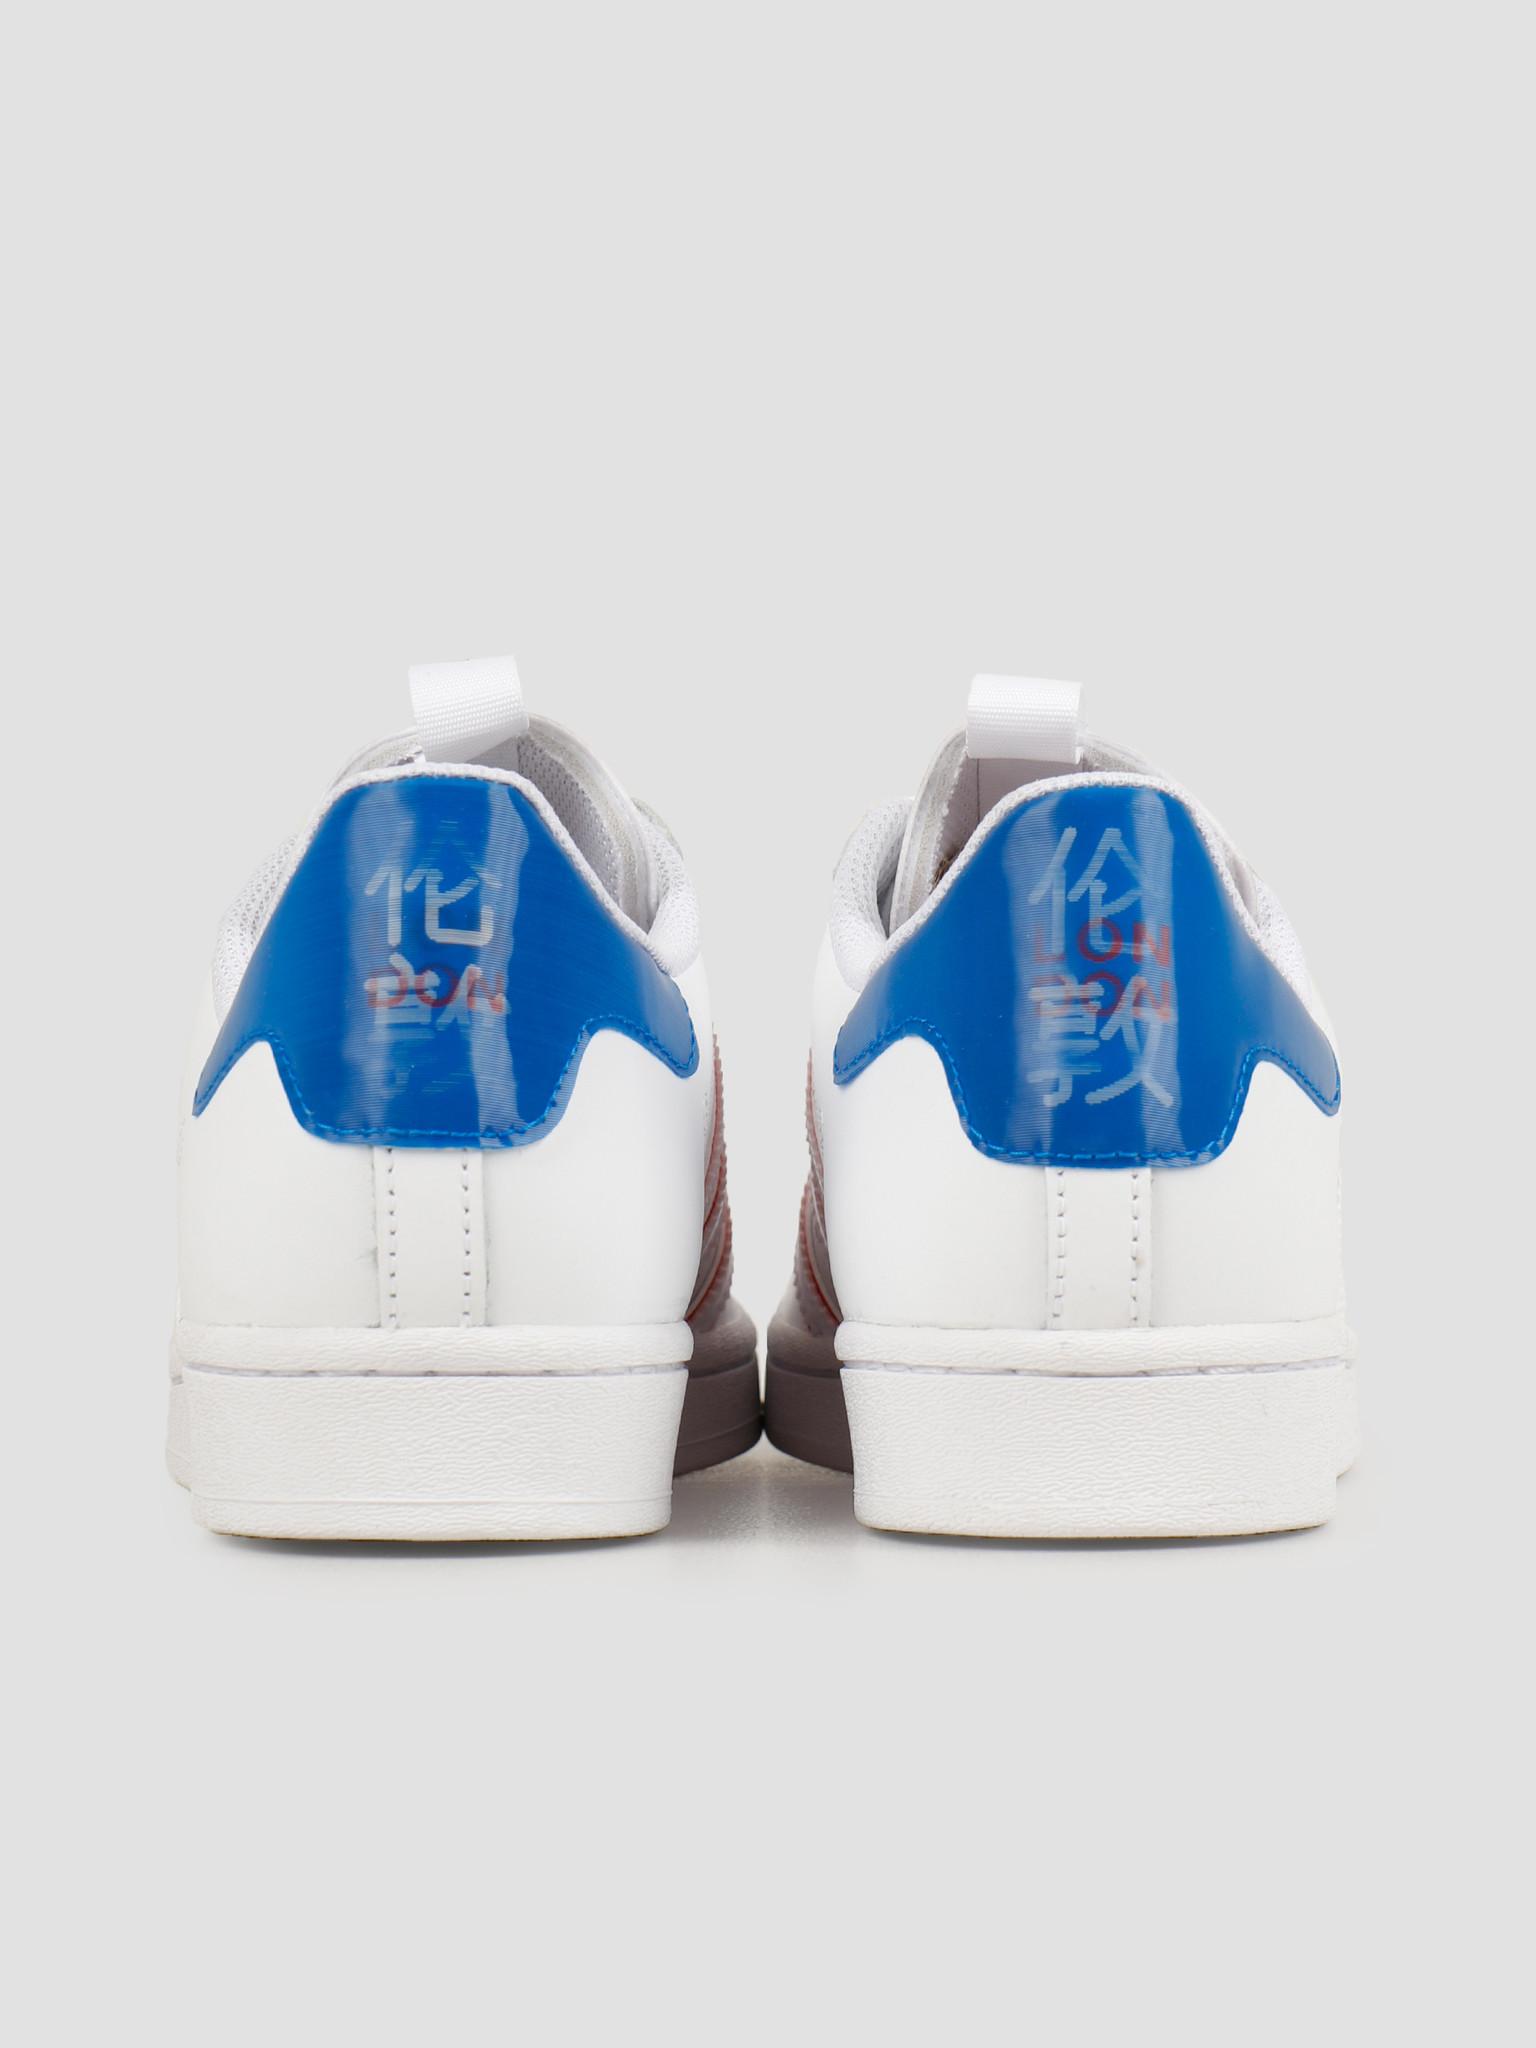 adidas adidas Superstar Footwear White Footwear White Globlu FW2848